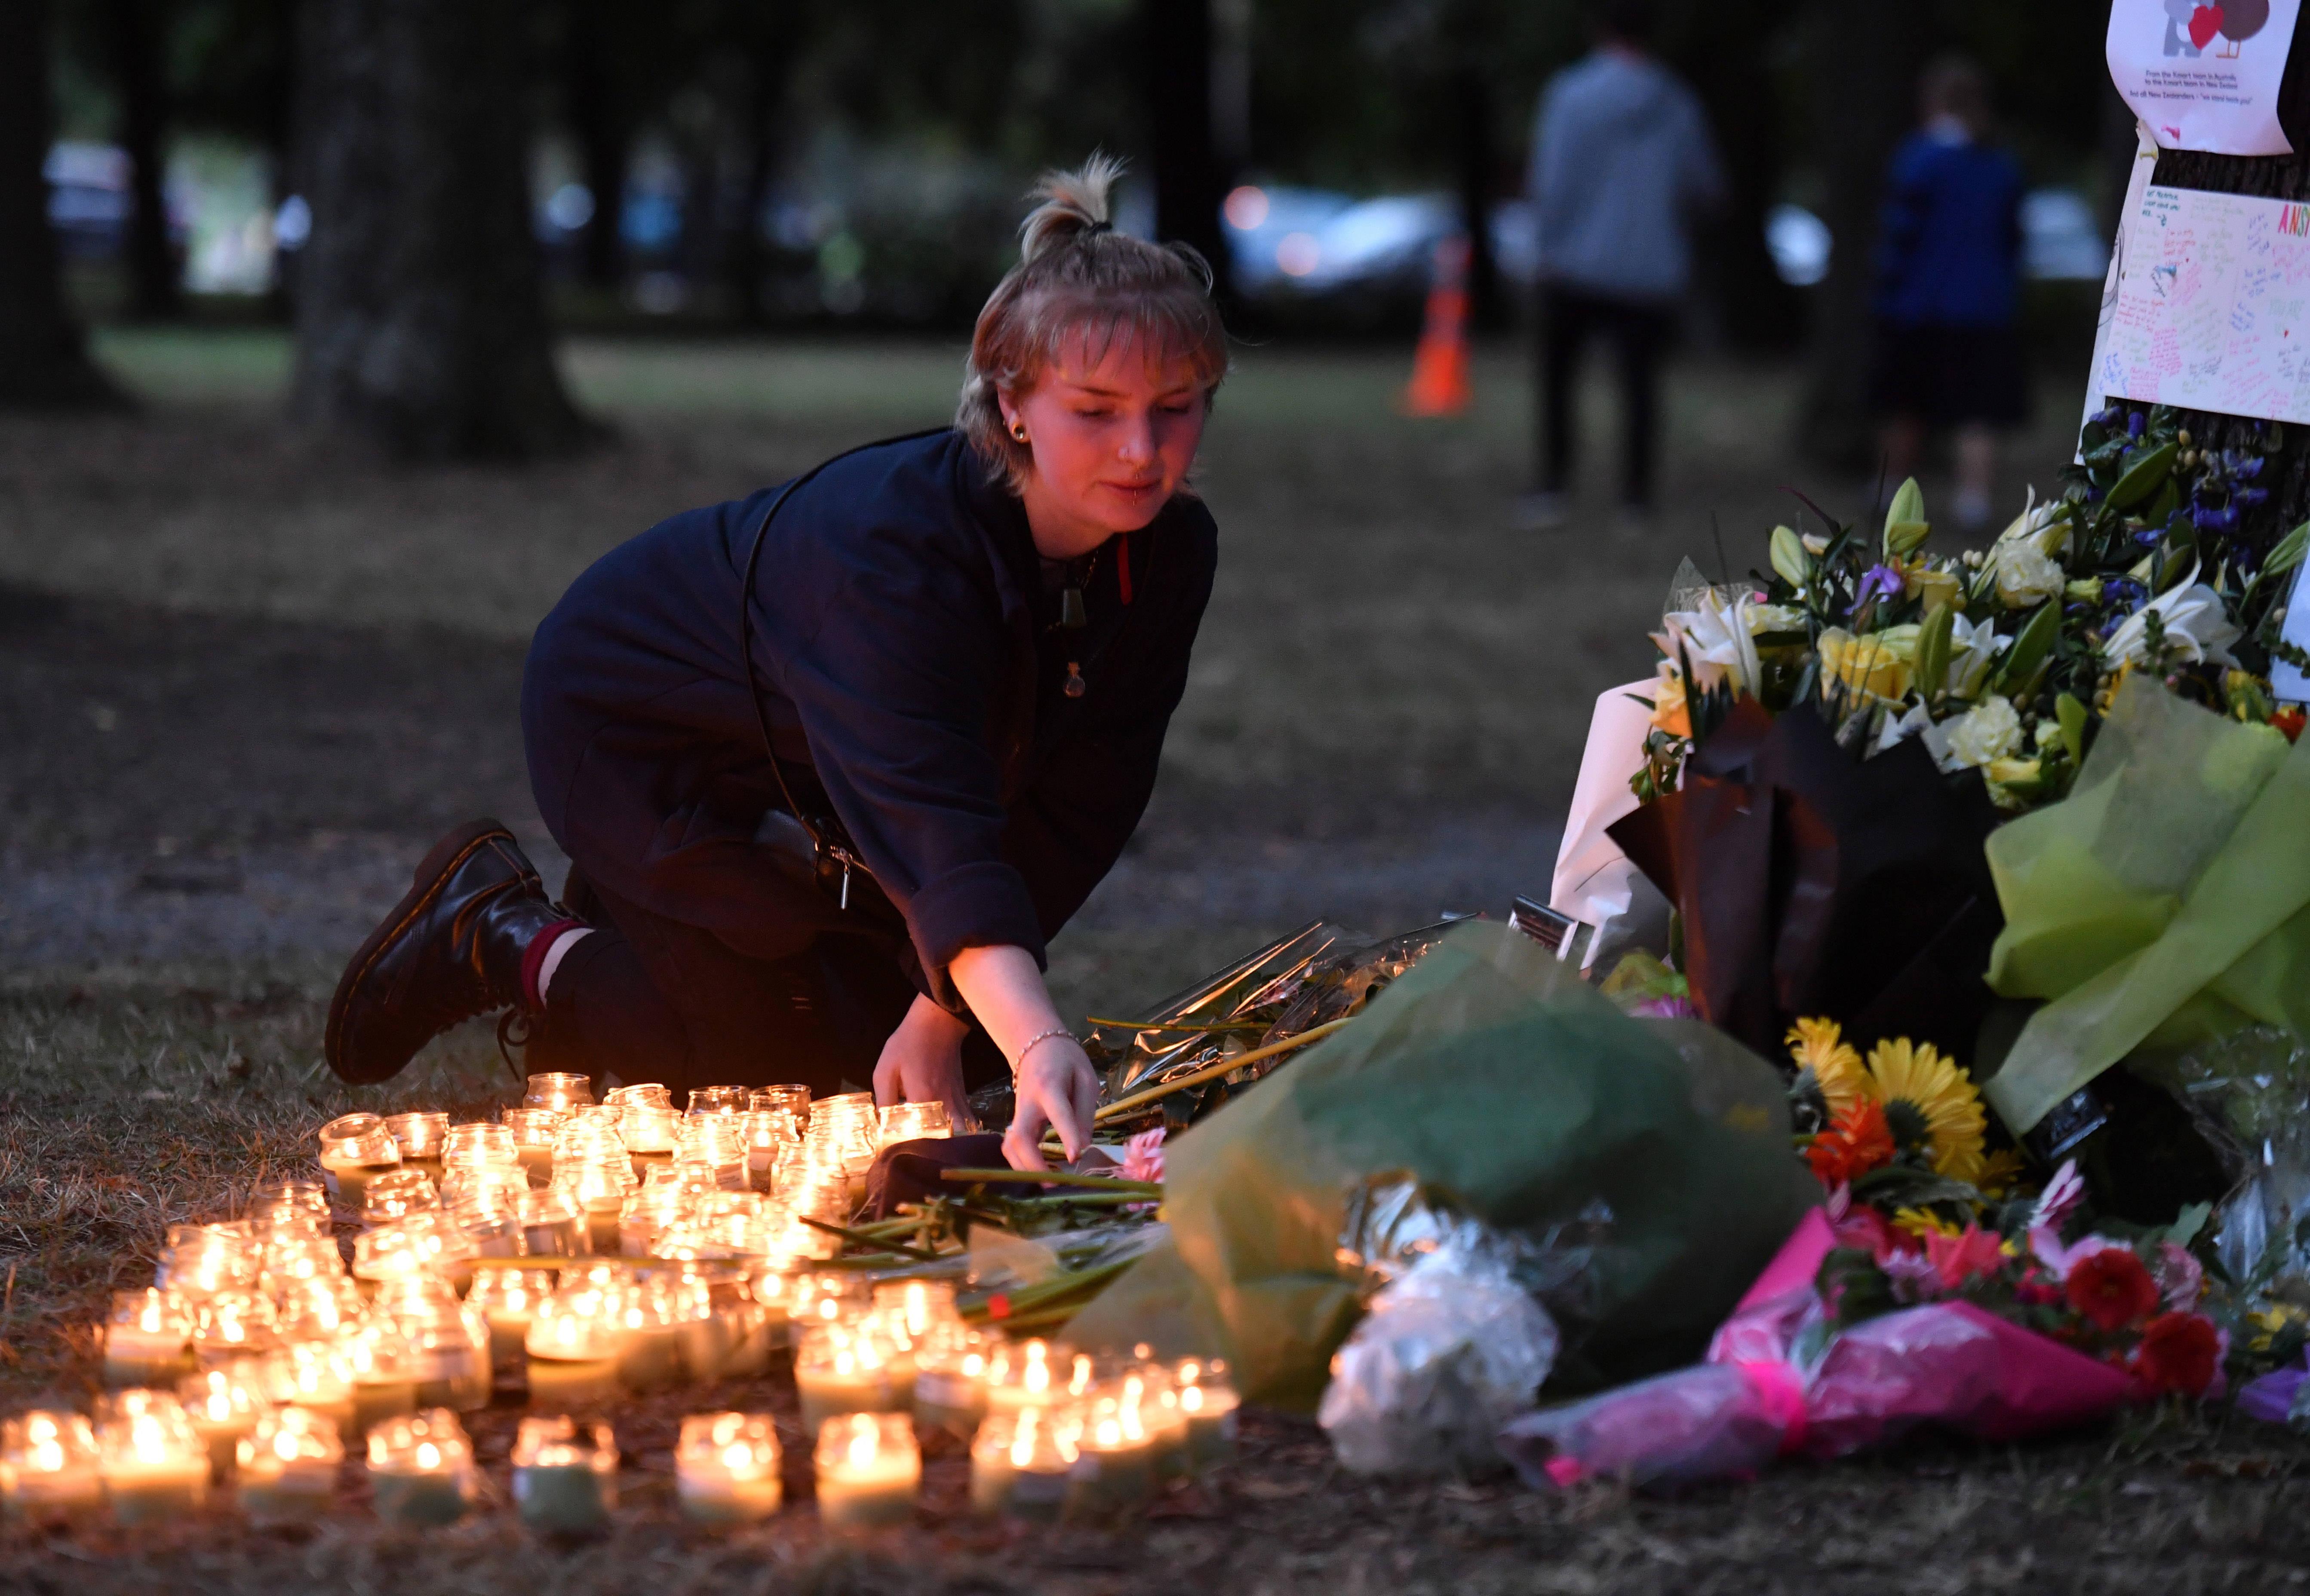 Atak W Nowej Zelandii Hd: Zamachowiec Z Nowej Zelandii Był W Polsce. Nowe Fakty